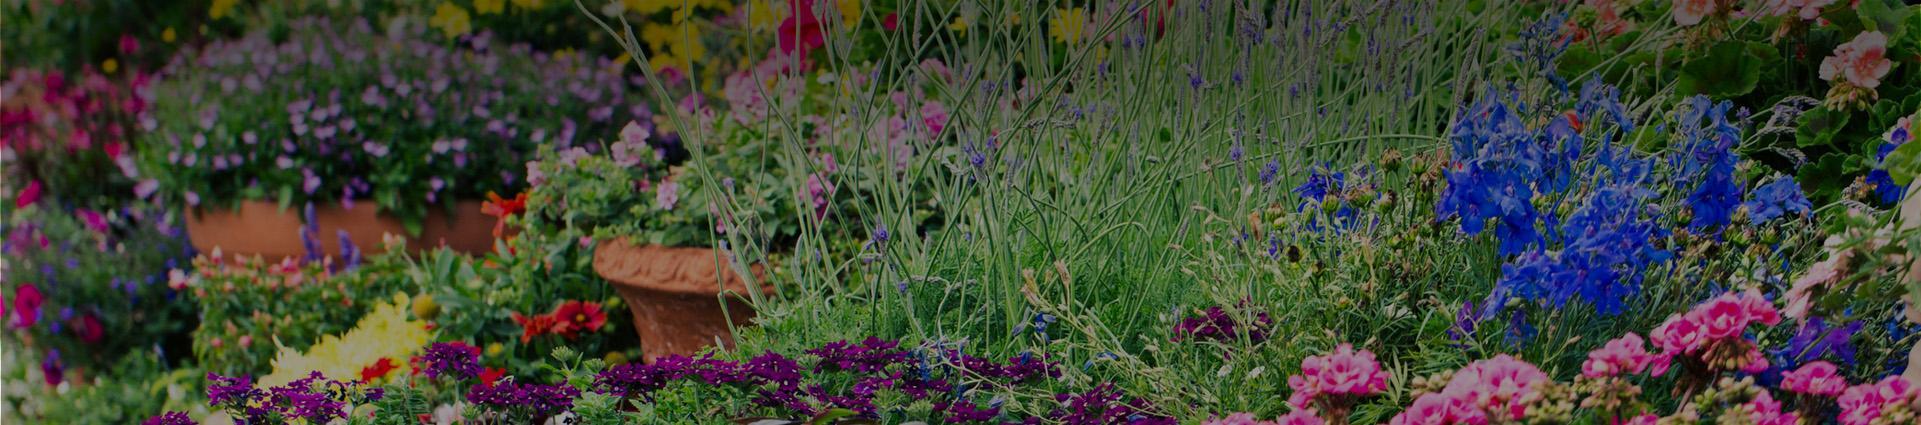 różnorodne kwiaty rosnące w ogrodzie